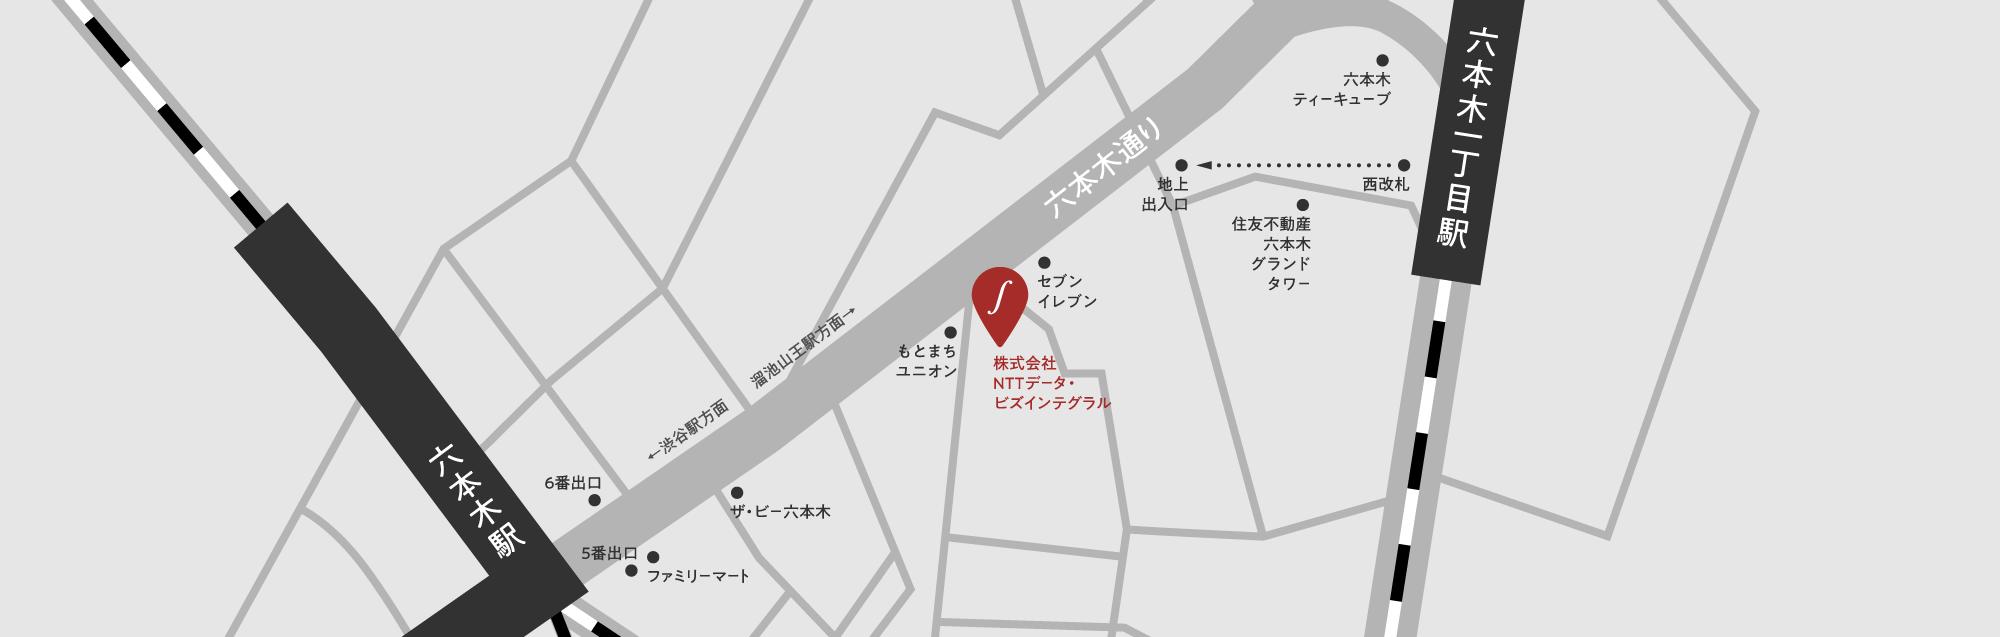 株式会社NTTデータ・ビズインテグラルへのAccess